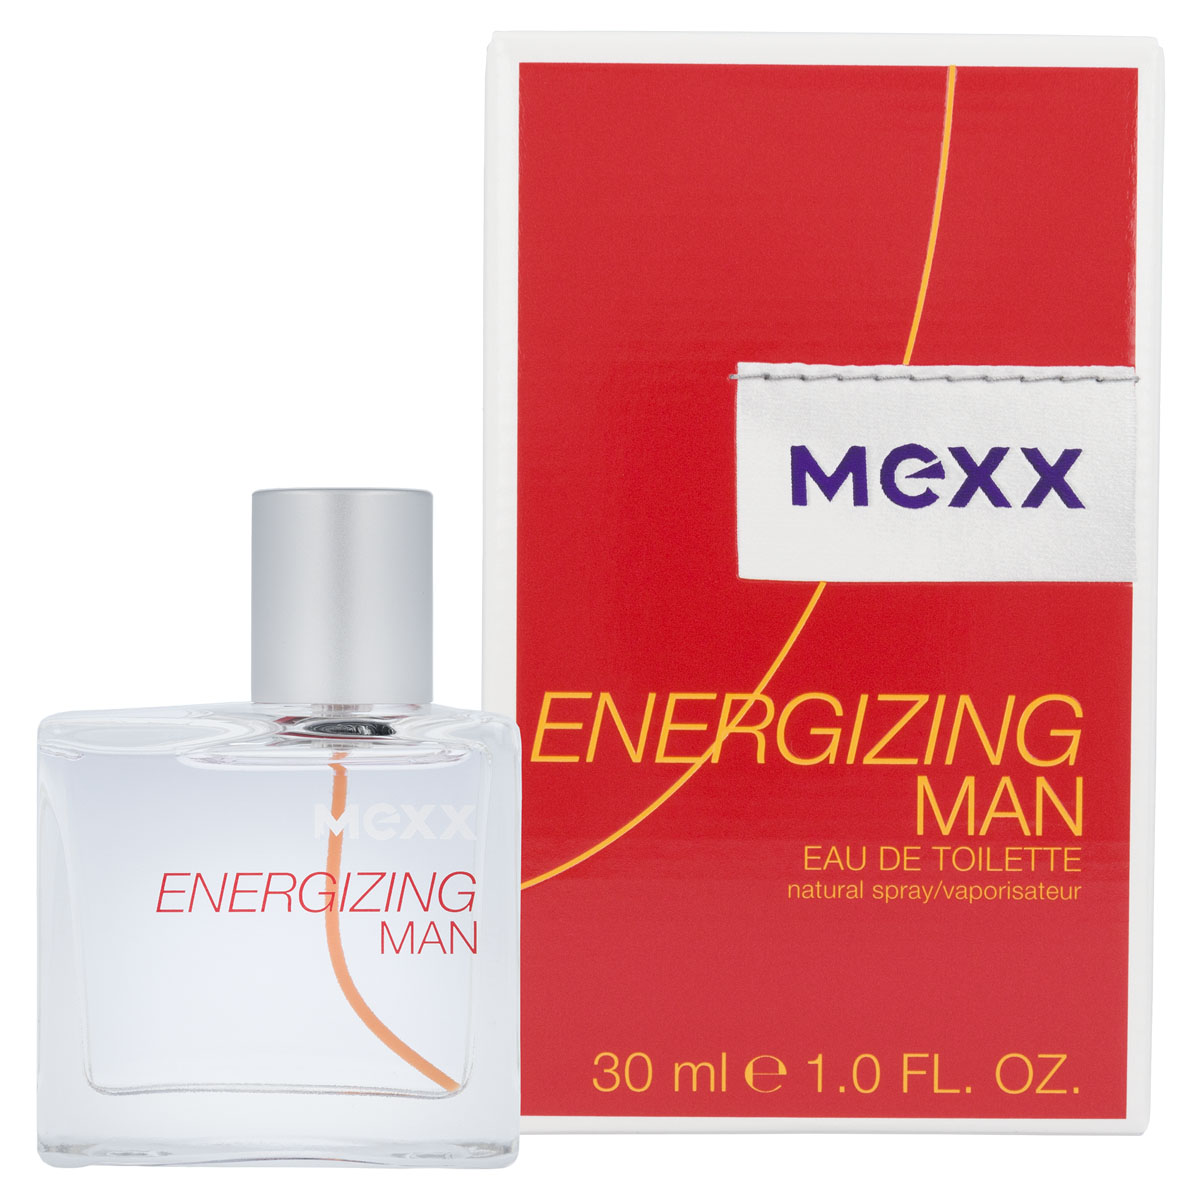 Mexx Туалетная вода Energizing Man, мужская, 30 мл0737052679013Mexx Energizing Man - это квинтэссенция свежести и удивительных оттенков, которые поддерживают в тебе заряд бодрости в течение всего дня. Существует множество способов подзарядить батарейки в течение твоего обычного дня: поболтать с друзьями, посмеяться, послушать музыку, заняться спортом или - подзарядить батарейки с Mexx Energizing Man! Свежесть апельсина и экзотических фруктов, придает энергию! Новый день - новый старт. Наслаждайся началом своего дня вместе с Mexx Energizing. Mexx Energizing для него и для нее - это свежие, ароматы которые приятно носить на коже и которые придают тебе легкость и помогают наслаждаться каждым днем! Классификация аромата: древесный, фужерный.Пирамида аромата:Верхние ноты: апельсин, водяные ноты, грейпфрут.Ноты сердца: кедр, мускатный орех, полынь.Ноты шлейфа: мускус, пачули, янтарь.Ключевые словаБодрящий, свежий, энергичный!Туалетная вода - один из самых популярных видов парфюмерной продукции. Туалетная вода содержит 4-10%парфюмерного экстракта. Главные достоинства данного типа продукции заключаются в доступной цене, разнообразии форматов (как правило, 30, 50, 75, 100 мл), удобстве использования (чаще всего - спрей). Идеальна для дневного использования. Товар сертифицирован.